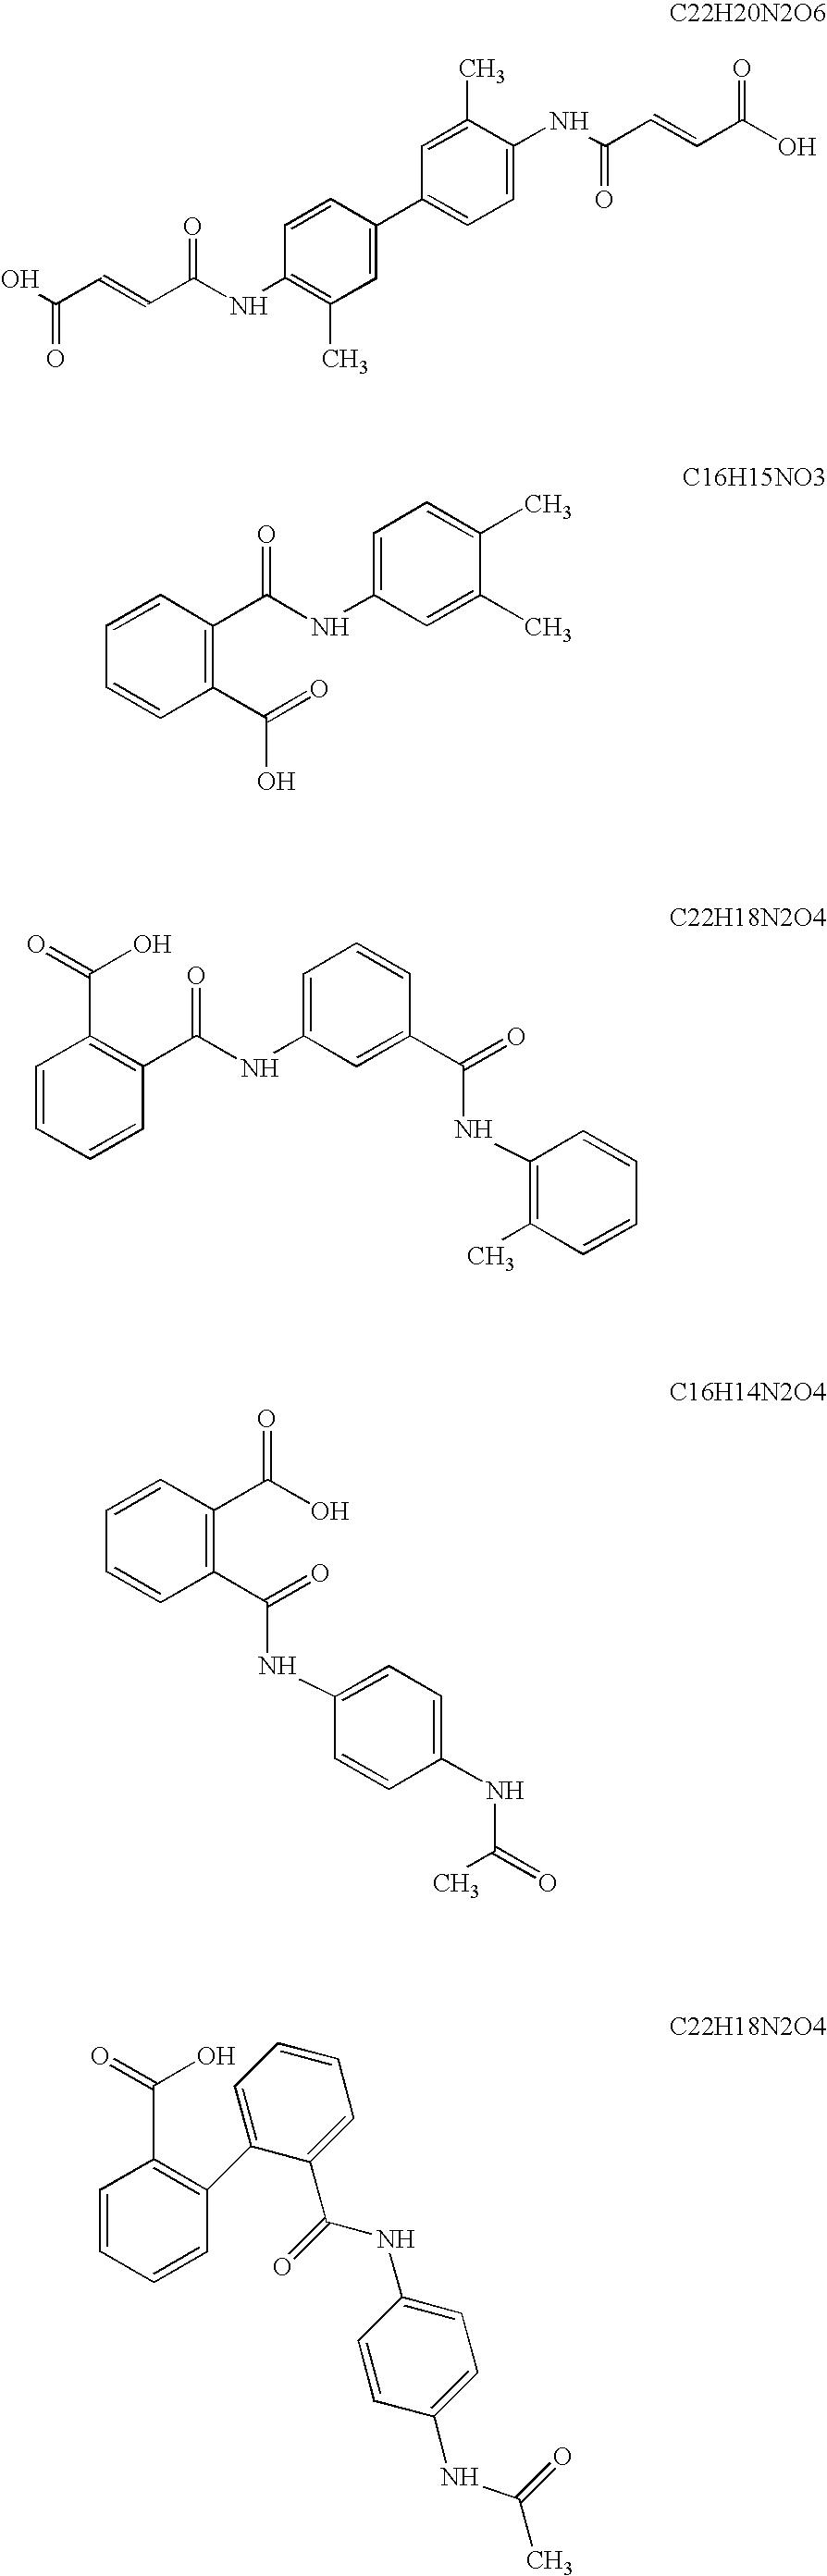 Figure US20070196395A1-20070823-C00029